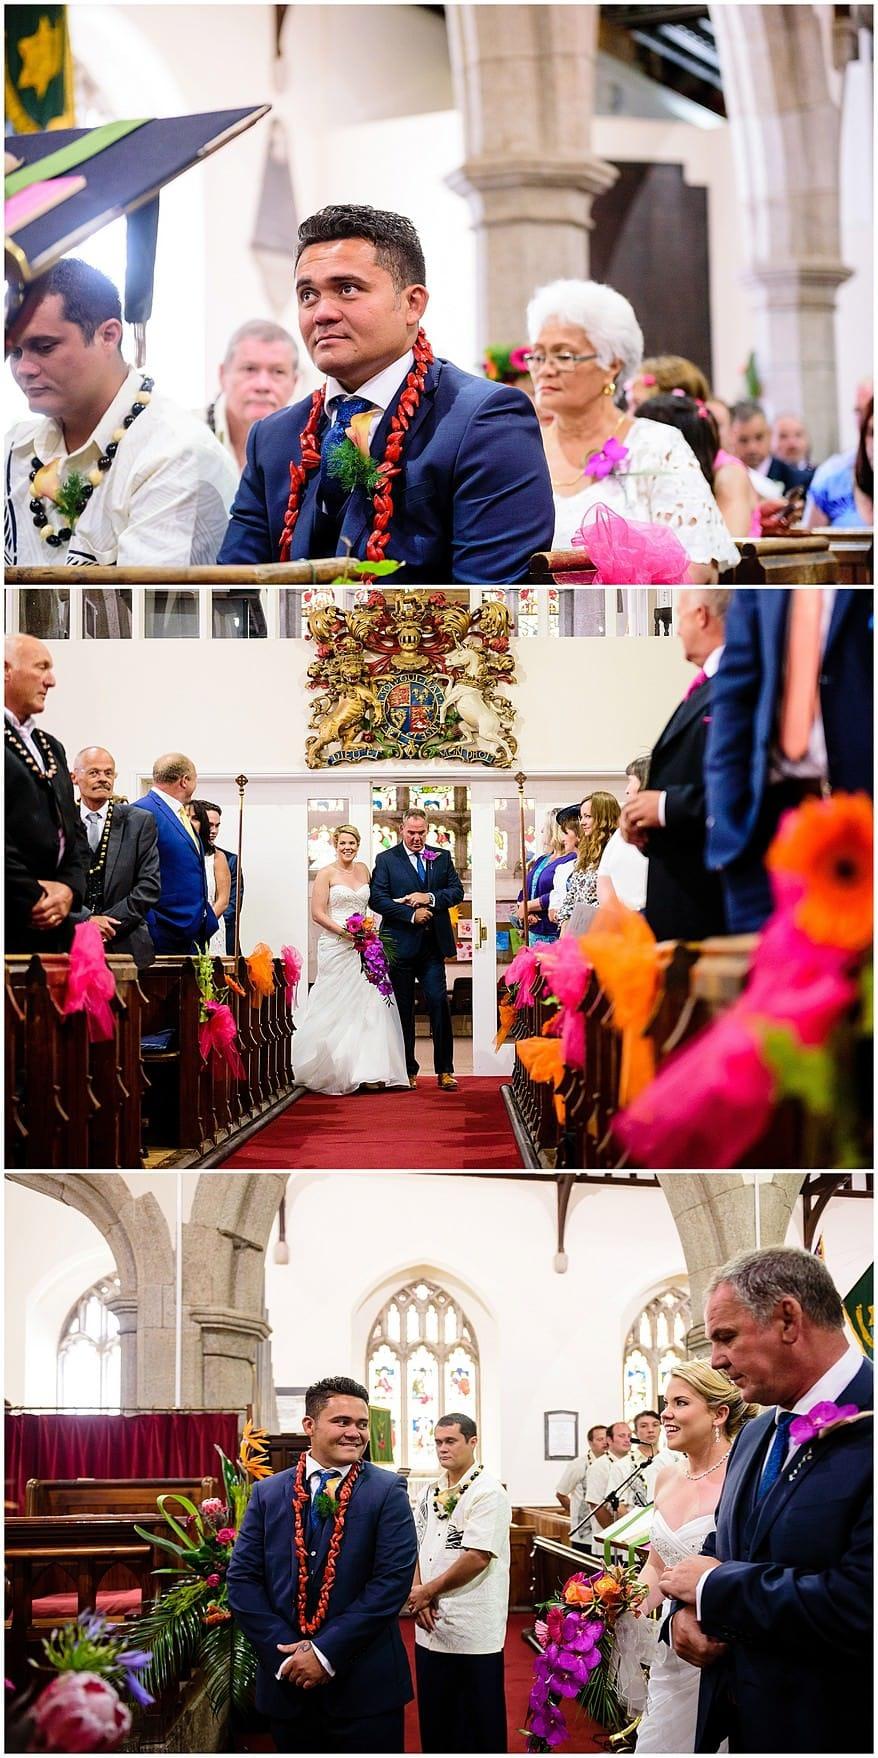 Bride walking down the aisle at Illogan church